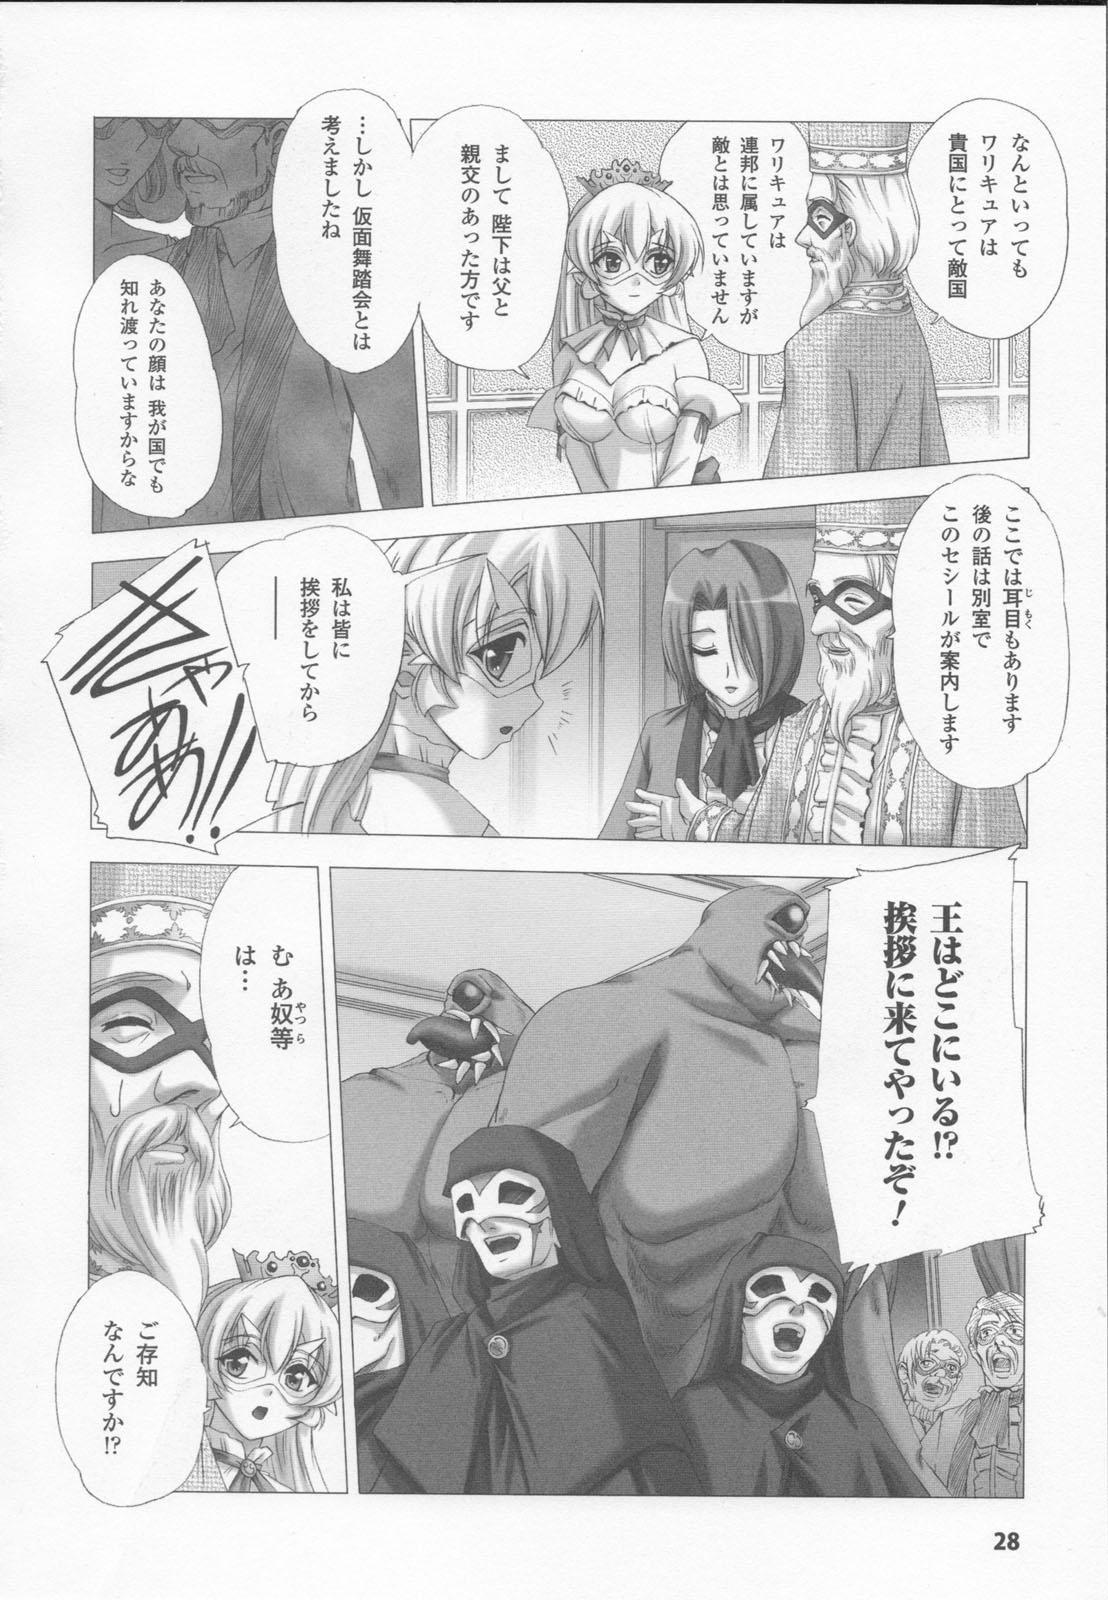 Shirayuri no Kenshi Anthology Comics 29